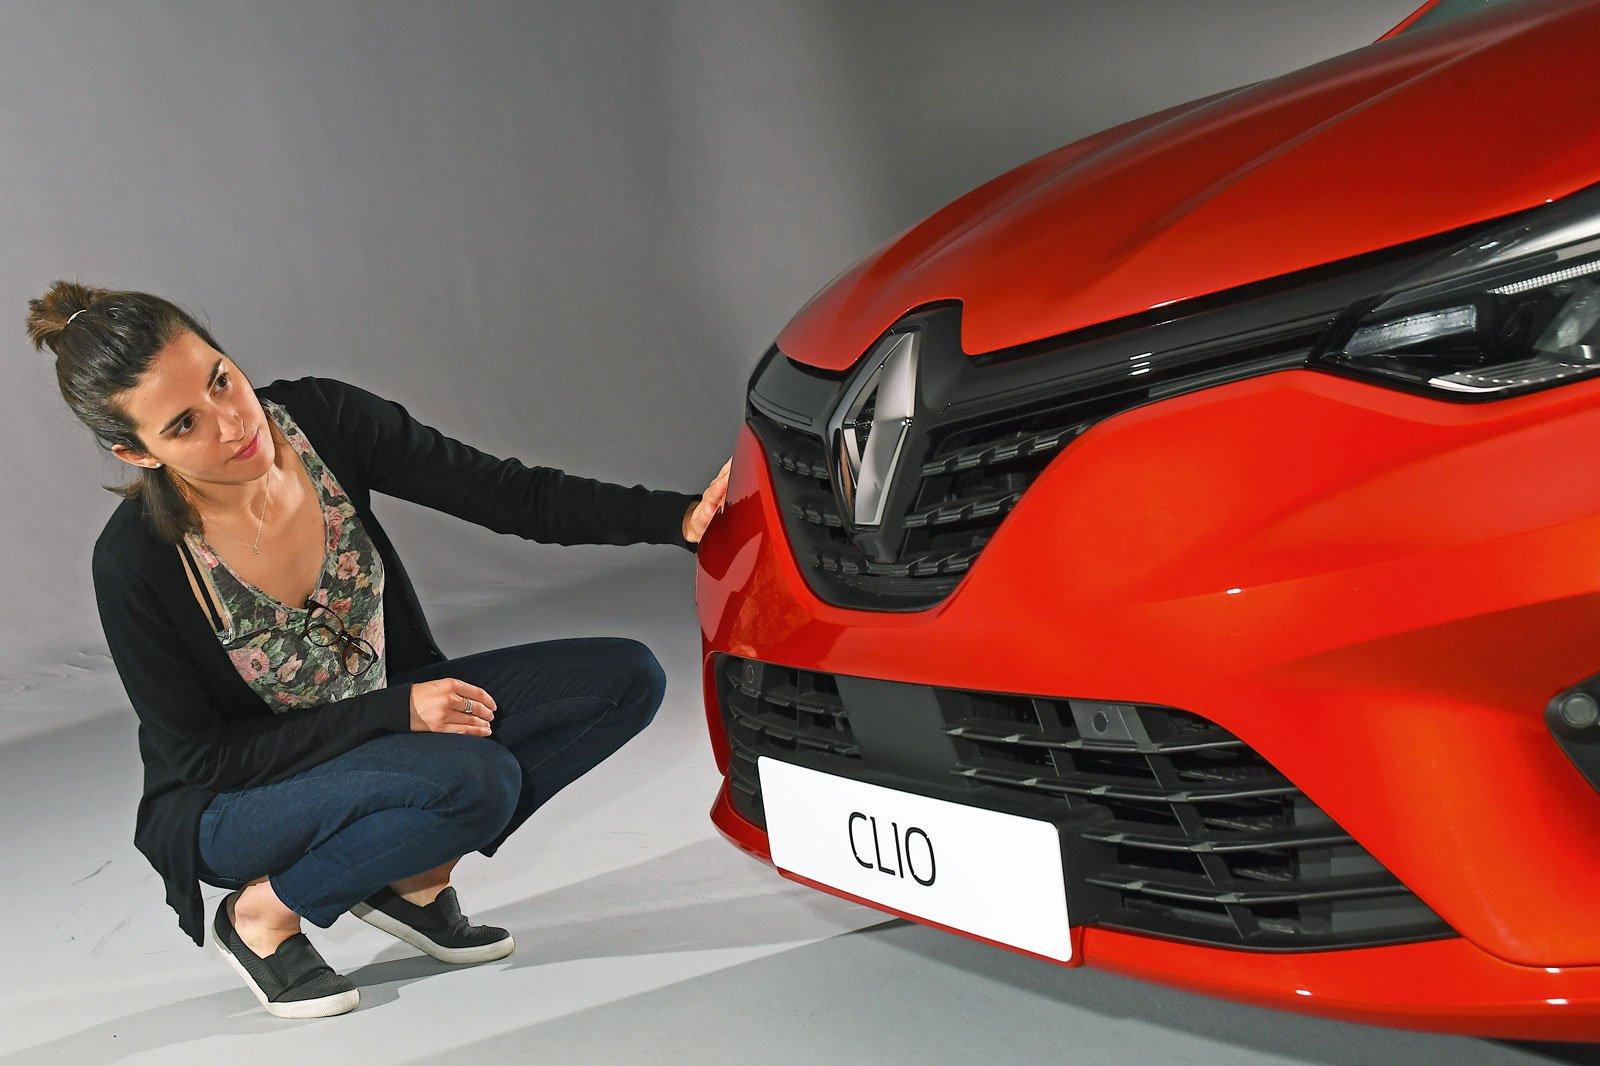 Clio RTT